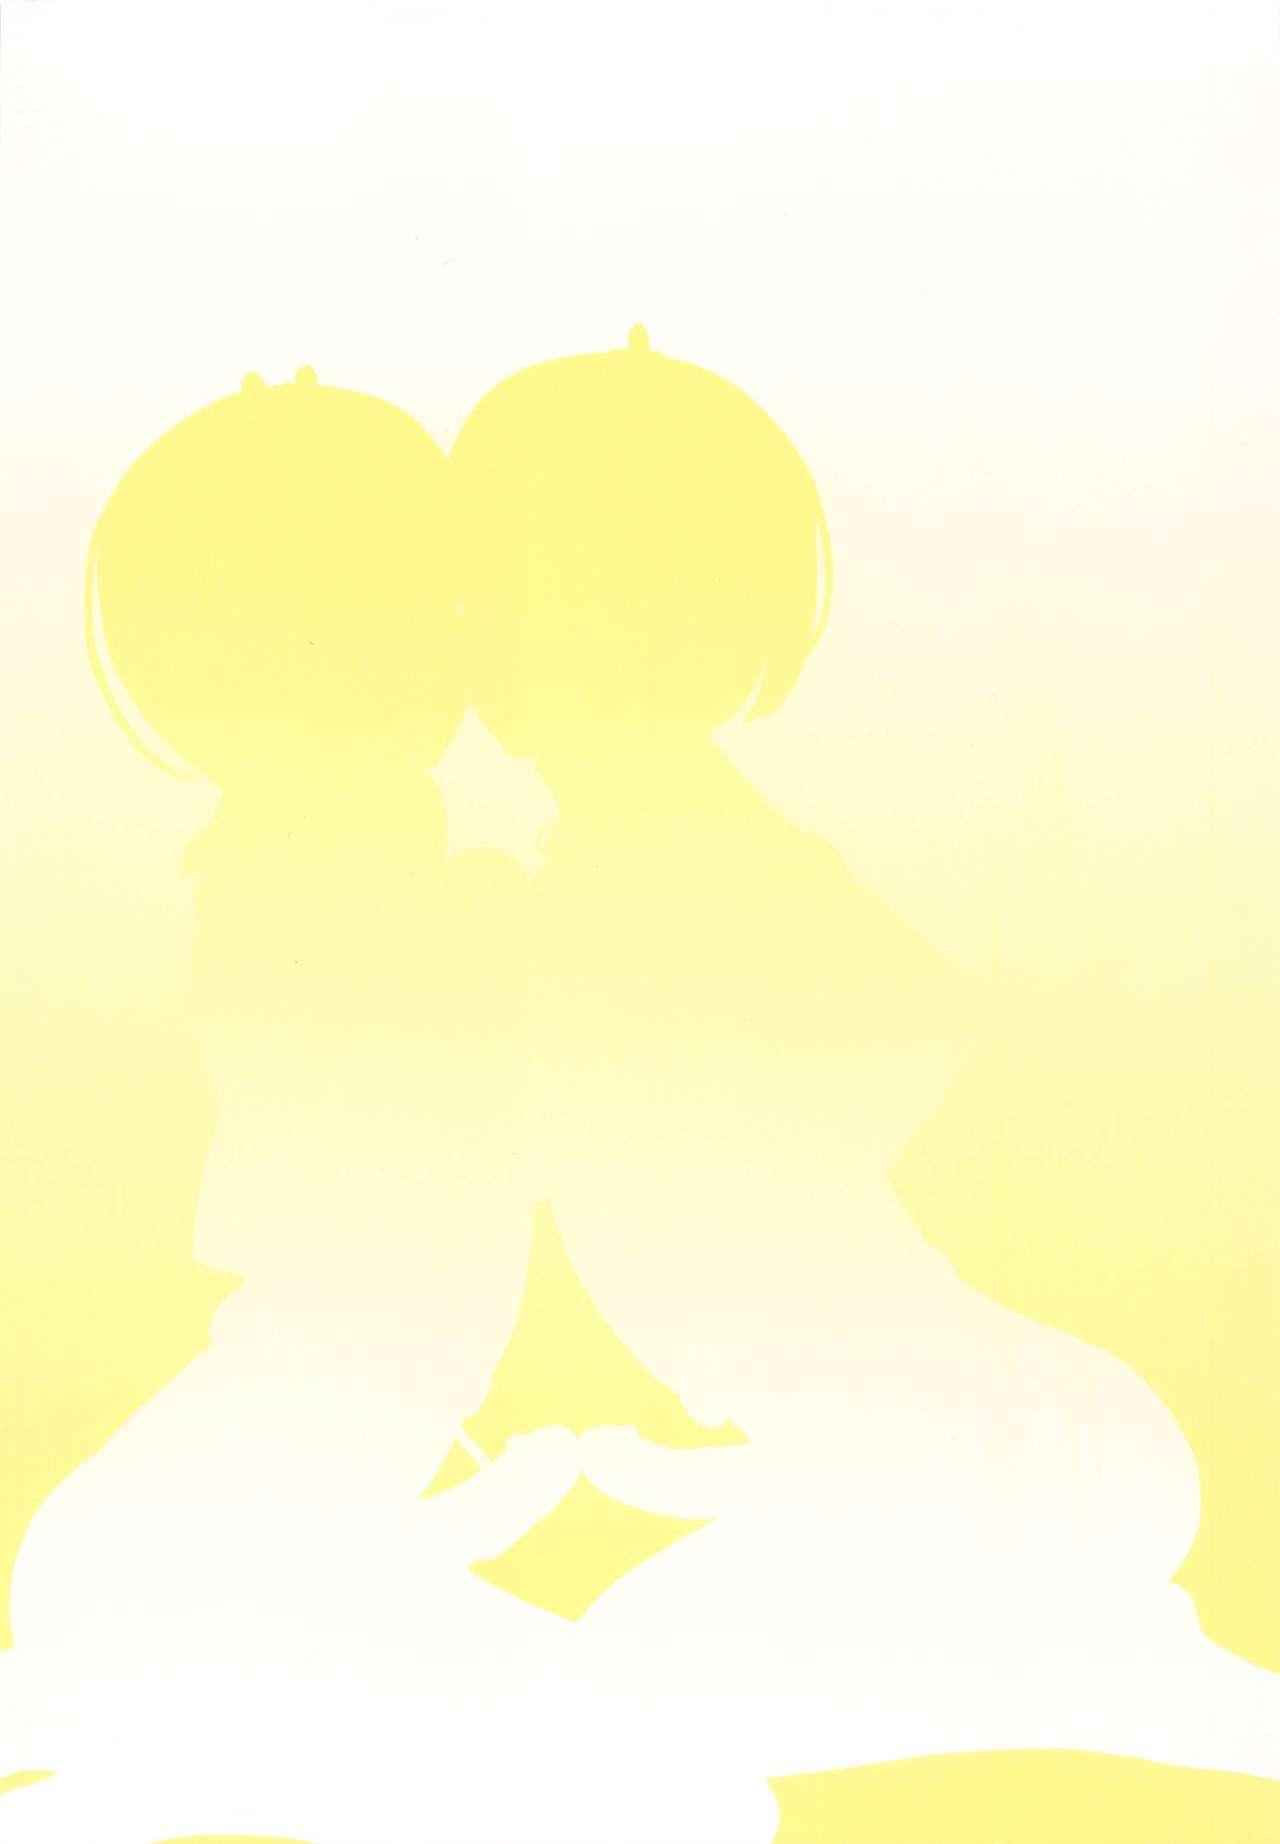 Futanari Futago Maid to 3P Dekiru Omise ga Sugokatta Ken 17